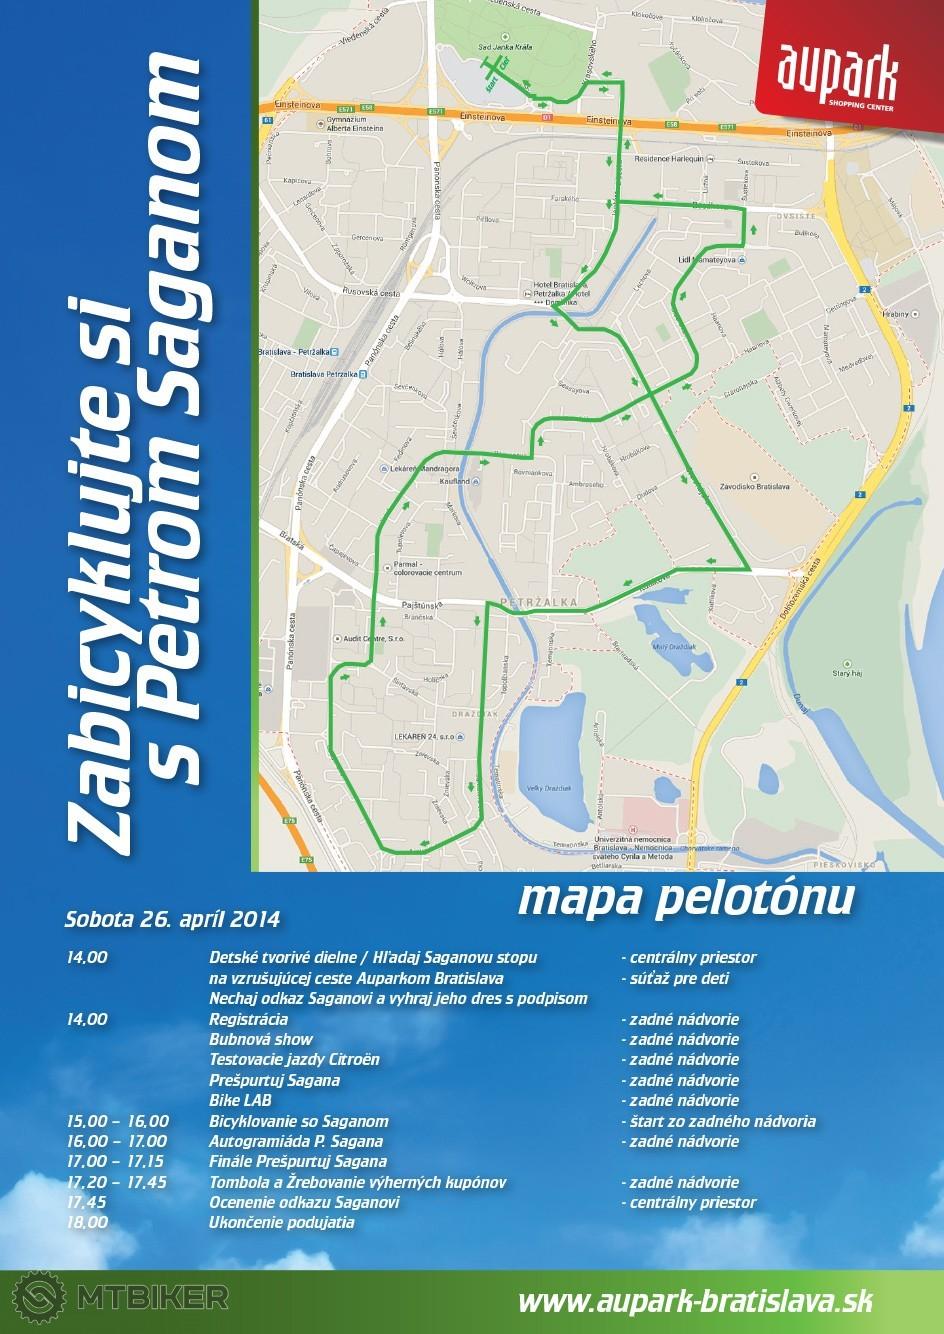 Plagát a mapa